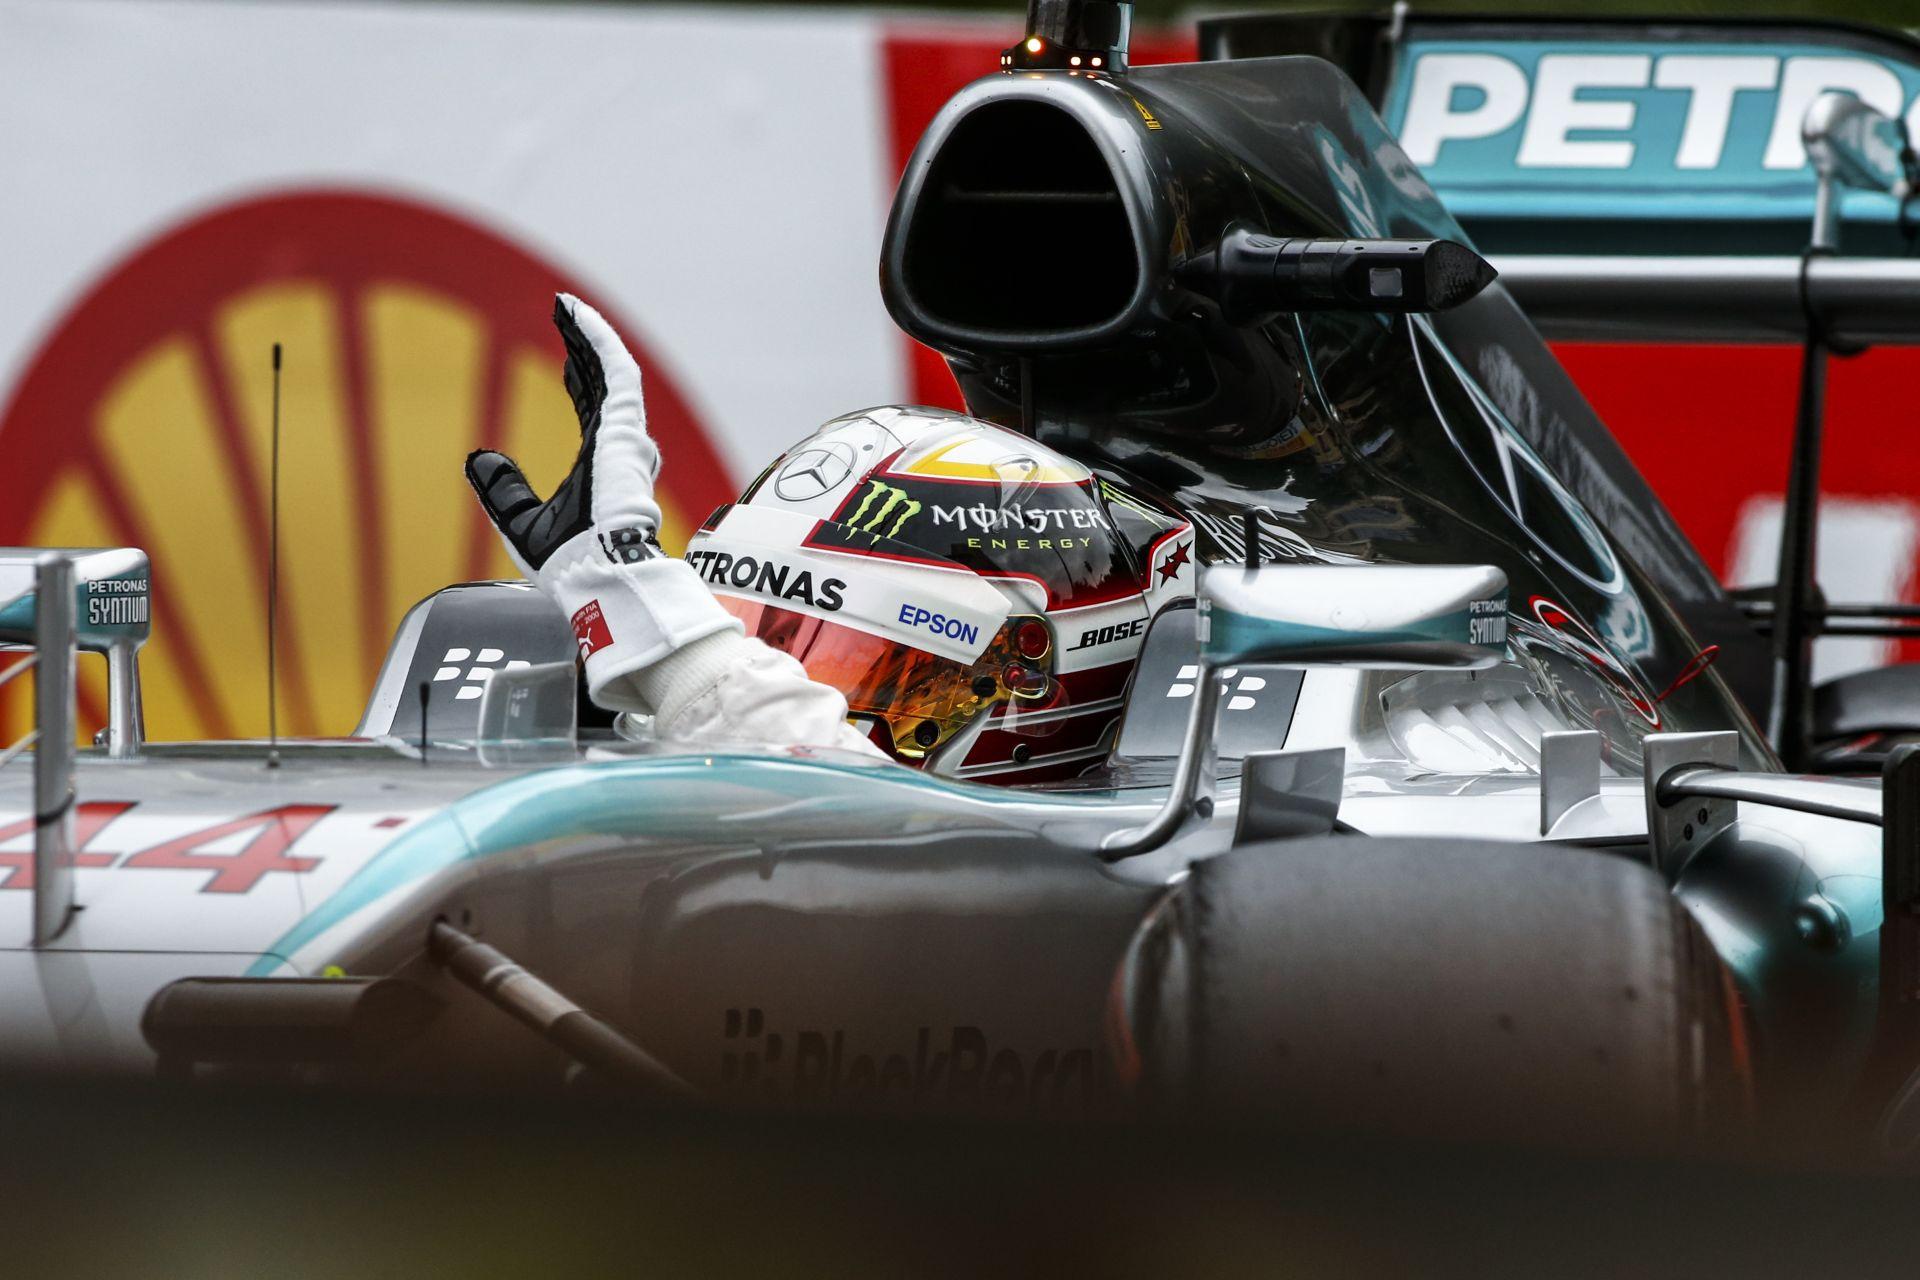 Hamilton egy amatőr taktikai húzás után beleállt a gumifalba, de hozta a második edzést Vettel és Raikkönen előtt